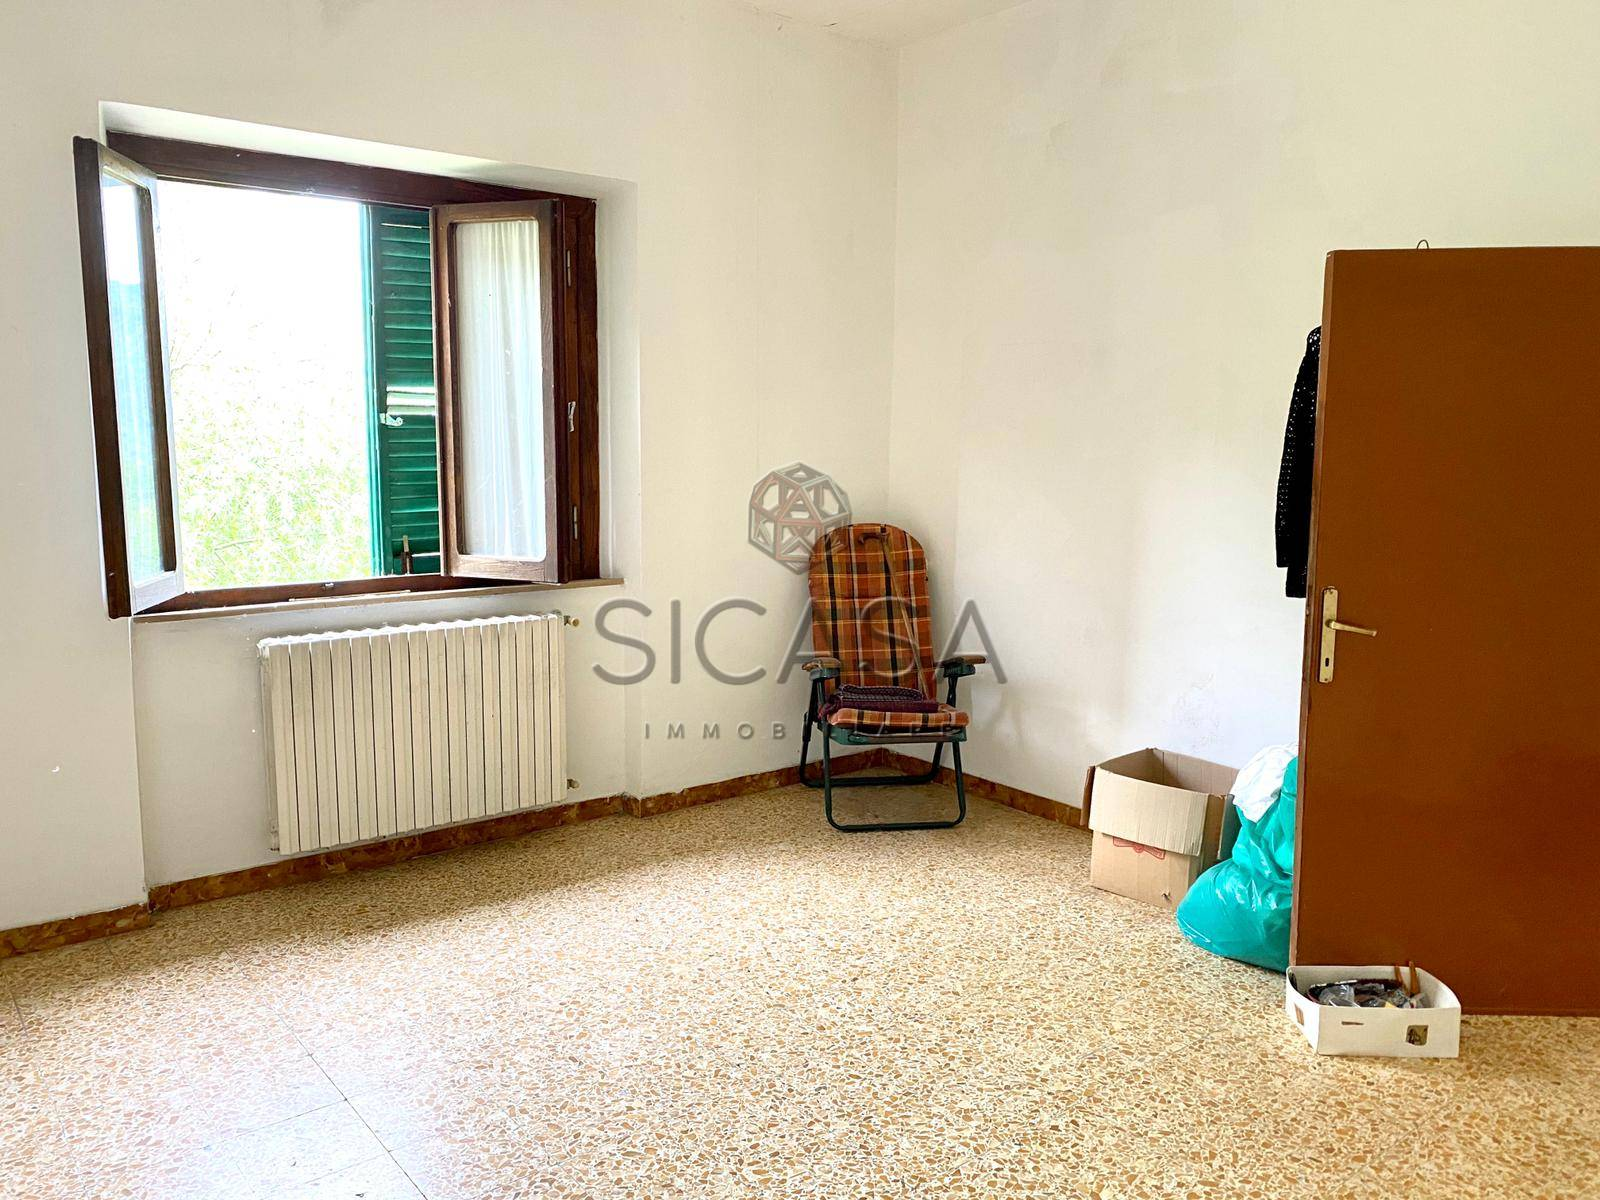 Casa singola con terreno edificabile, Anghiari - SICASA ...